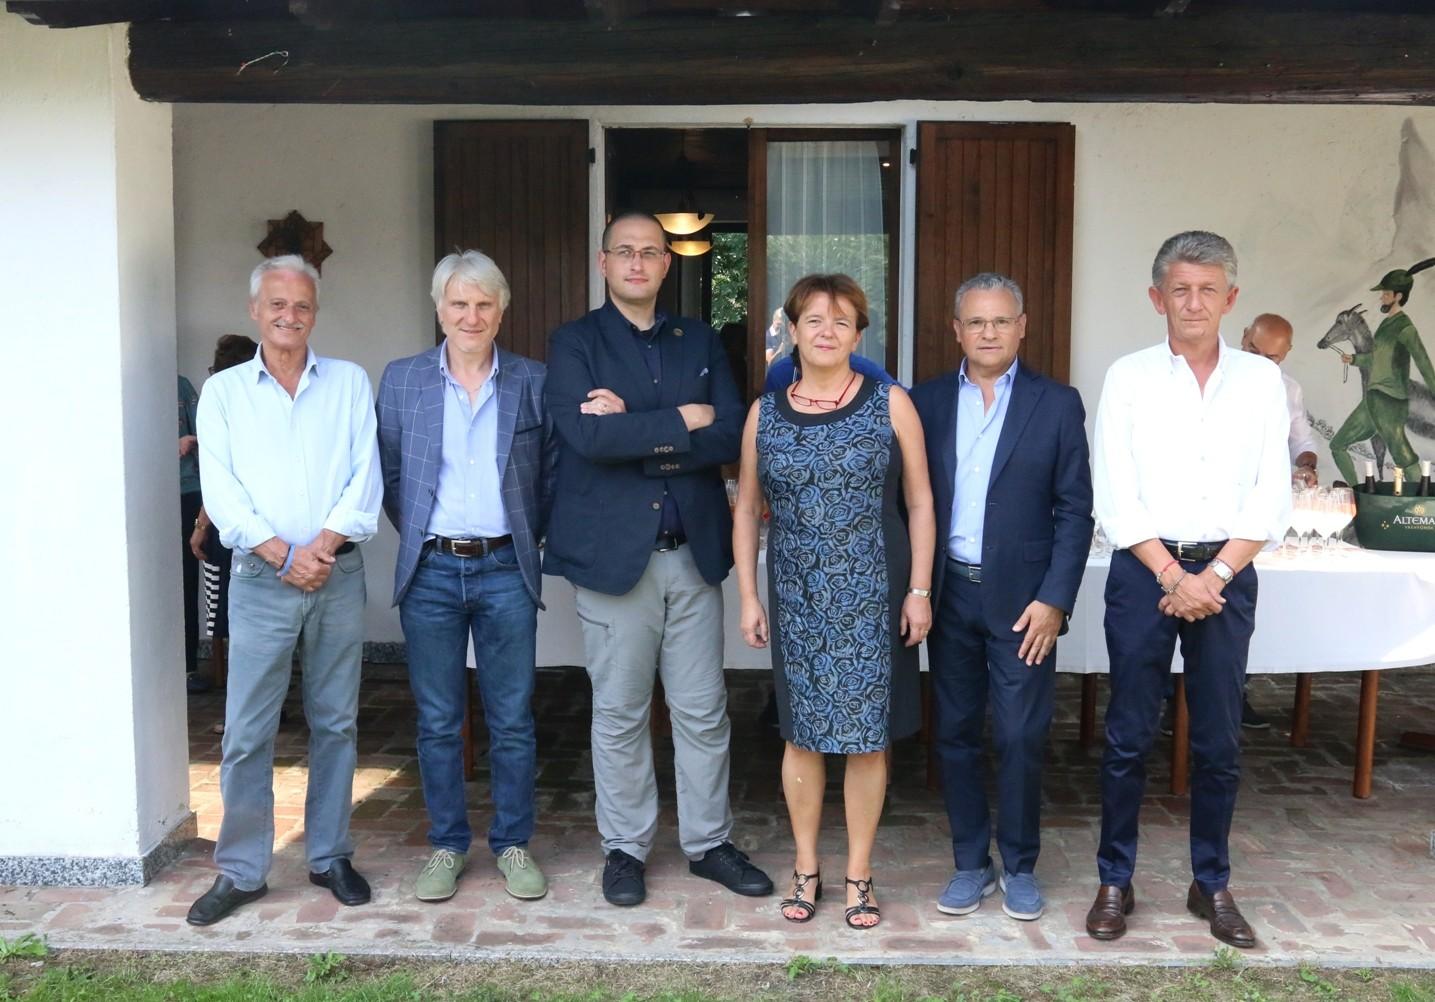 b41c5db4c È ancora profondamente vivo il gemellaggio che unisce Busto Garolfo a  Senise. Un amicizia che supera gli oltre 900 km che separano la Lombardia  dalla ...